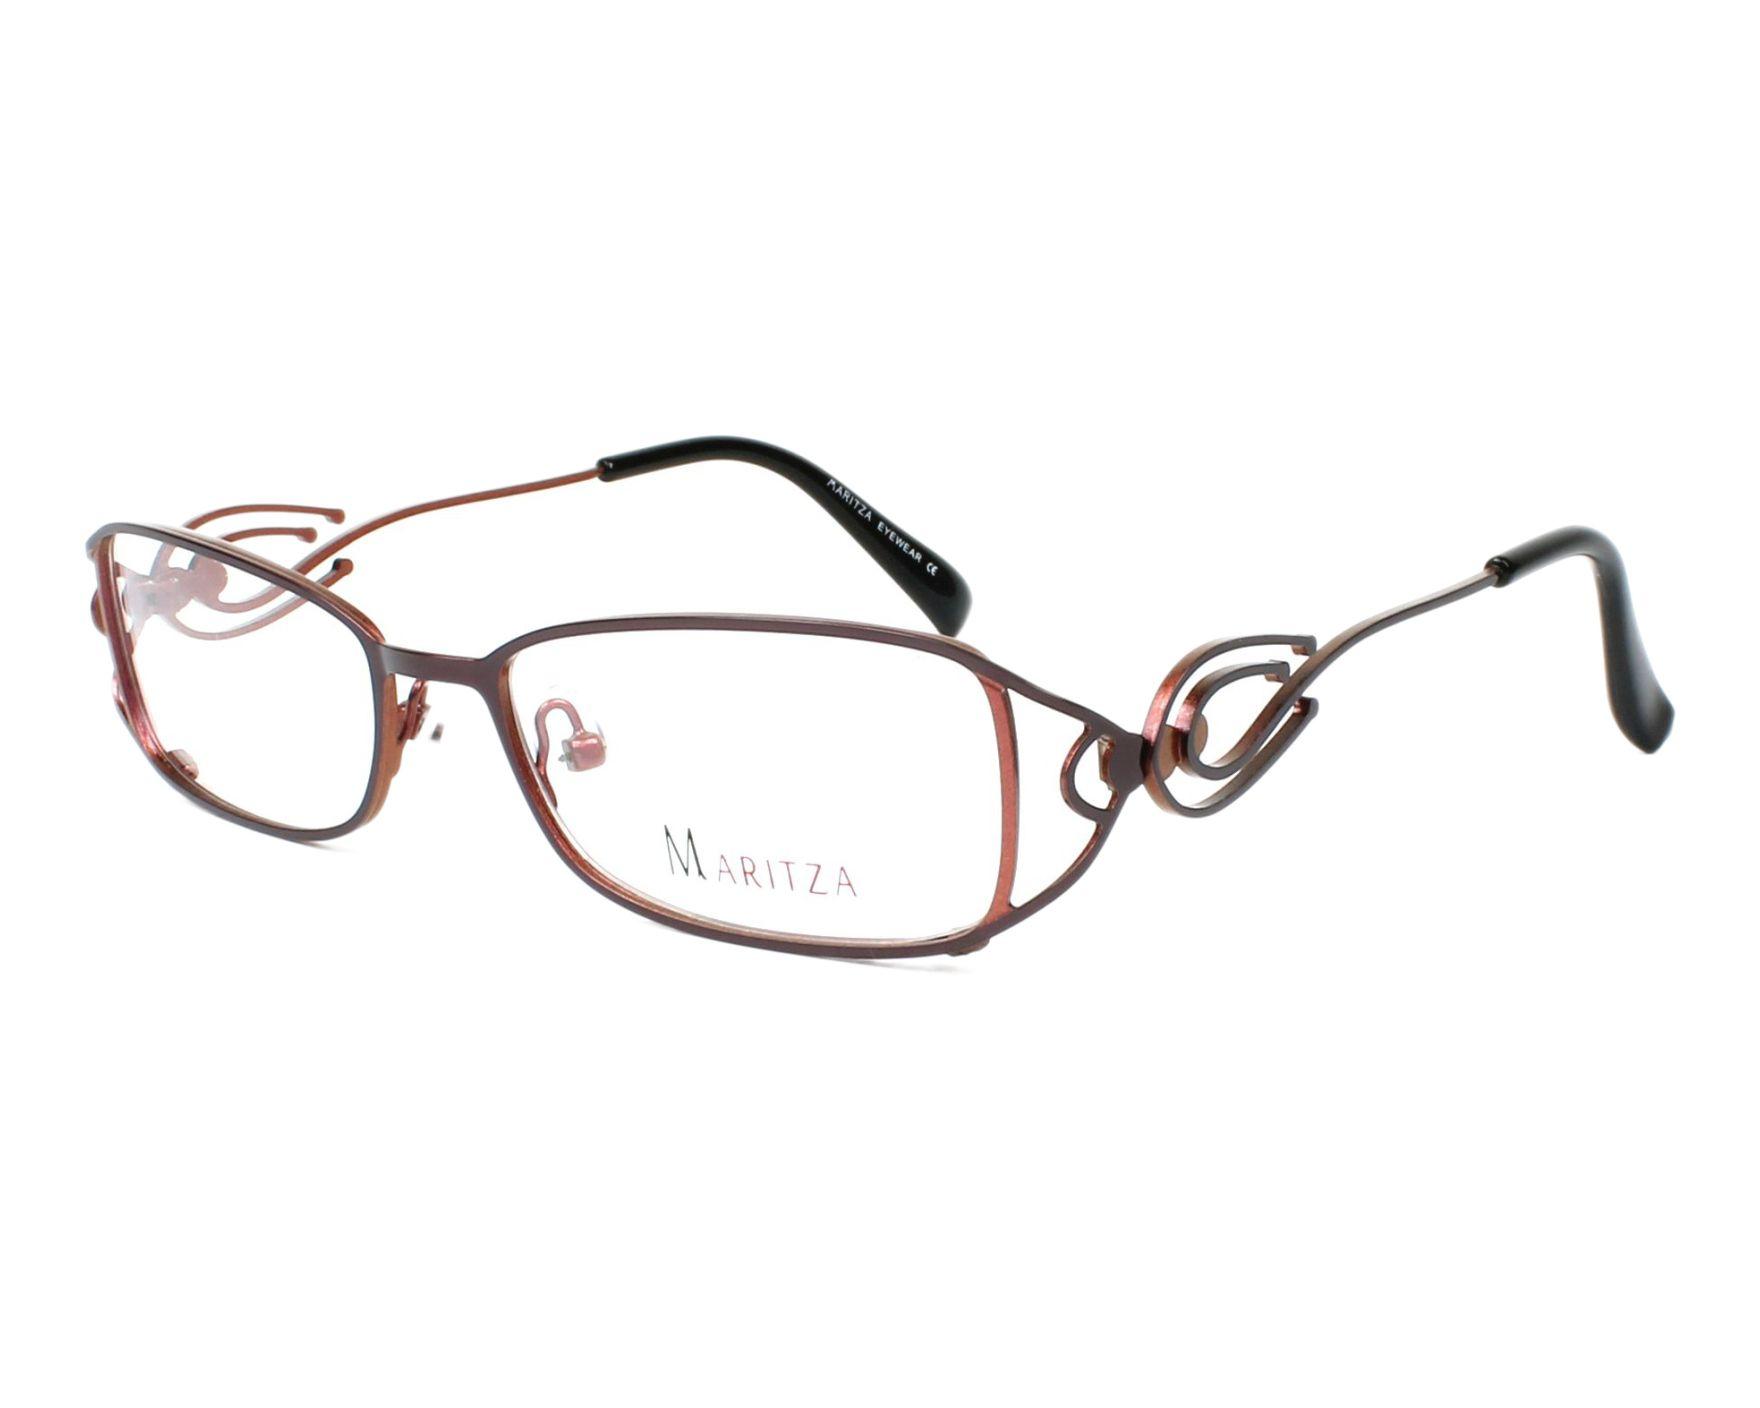 84a1382c84917 Lunettes de vue Maritza M-0170 AUO 51-17 Violet Rose vue de profil